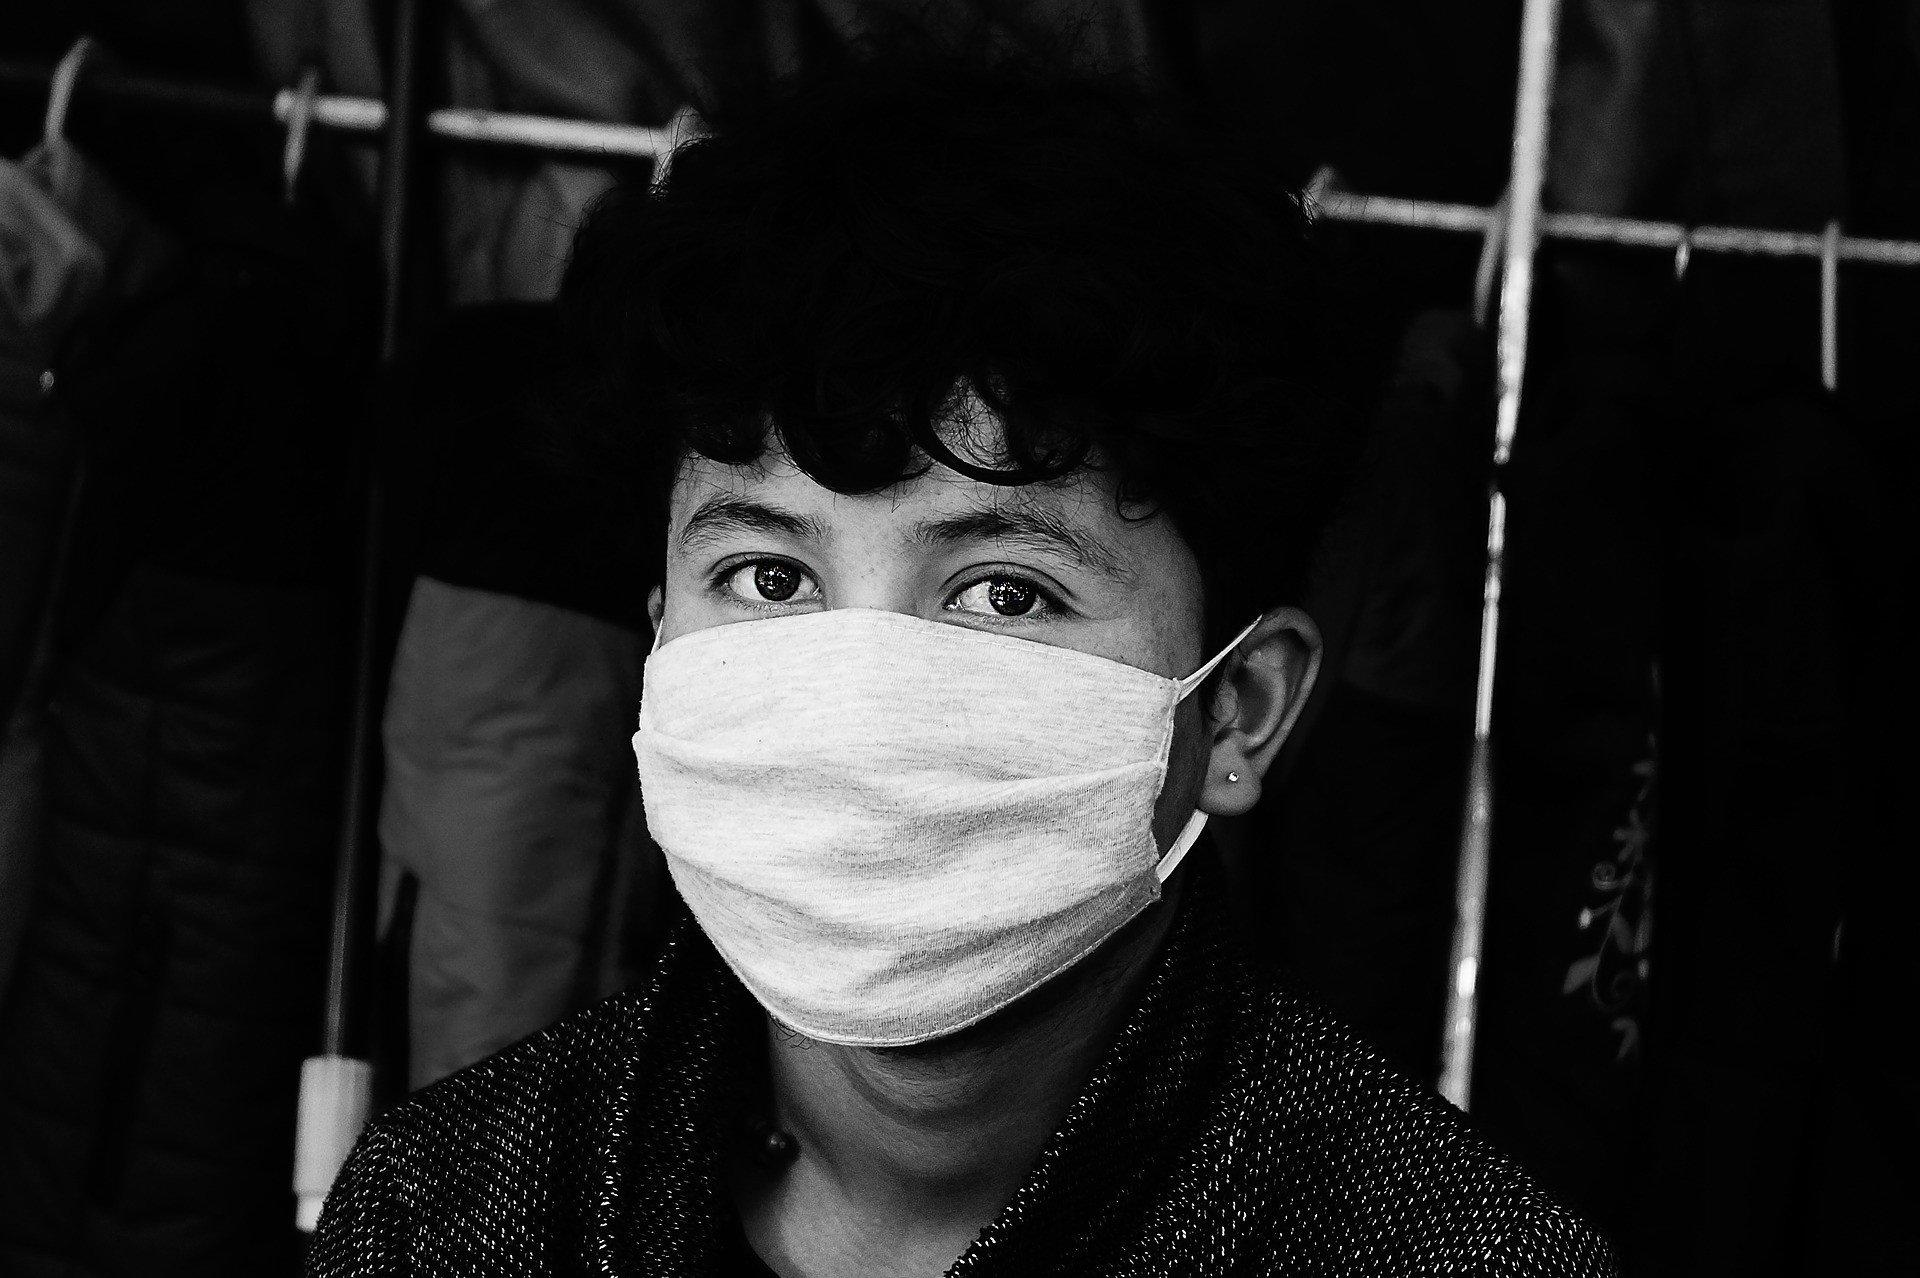 Коронавирус: пользователи из Китая публикуют шокирующие видео